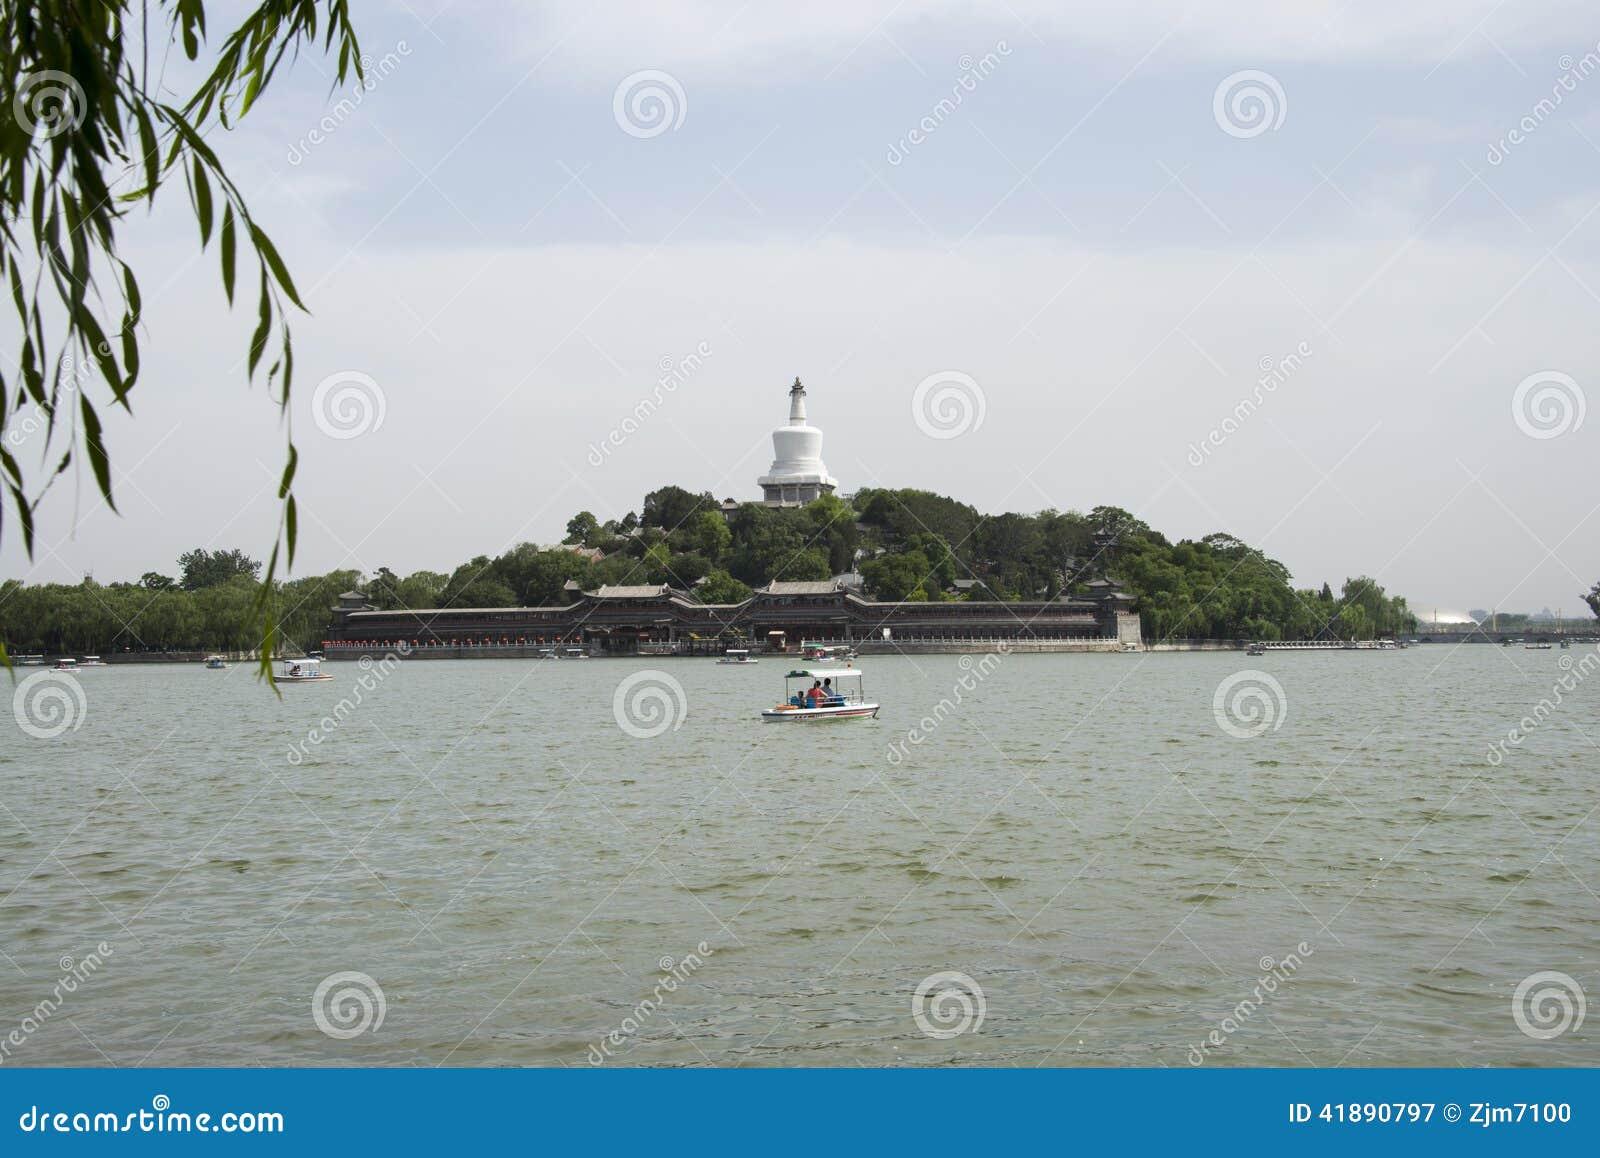 Chinese Asien, Peking, Beihai Park, Qionghua-Insel, Wasserkreuzfahrt, szenisch